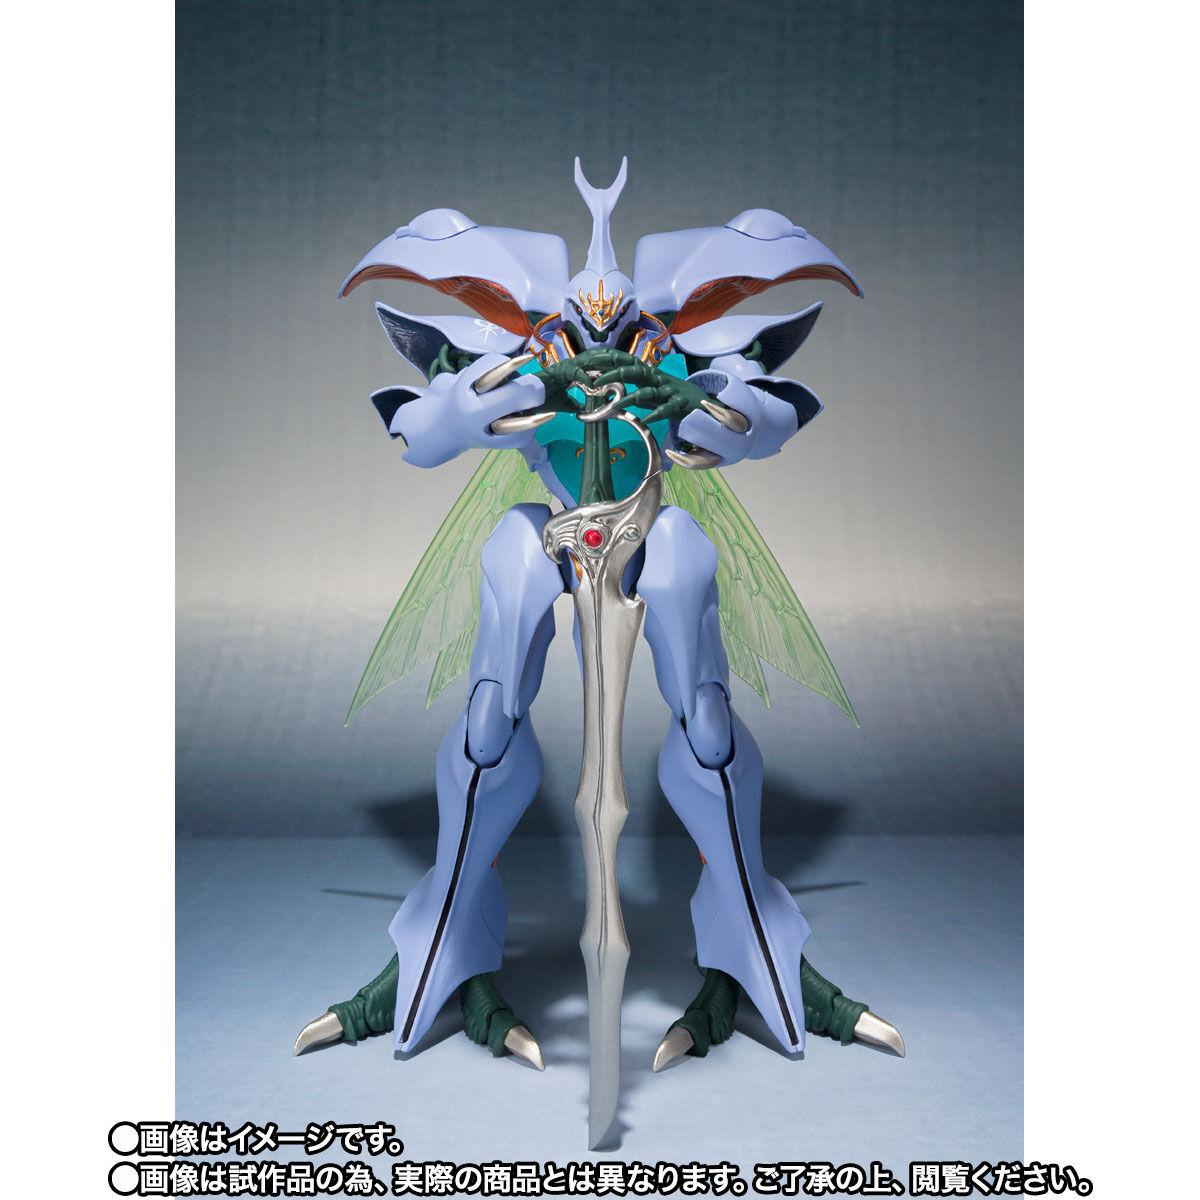 【限定販売】ROBOT魂〈SIDE AB〉『サーバイン(AURA FHANTASM)』可動フィギュア-002